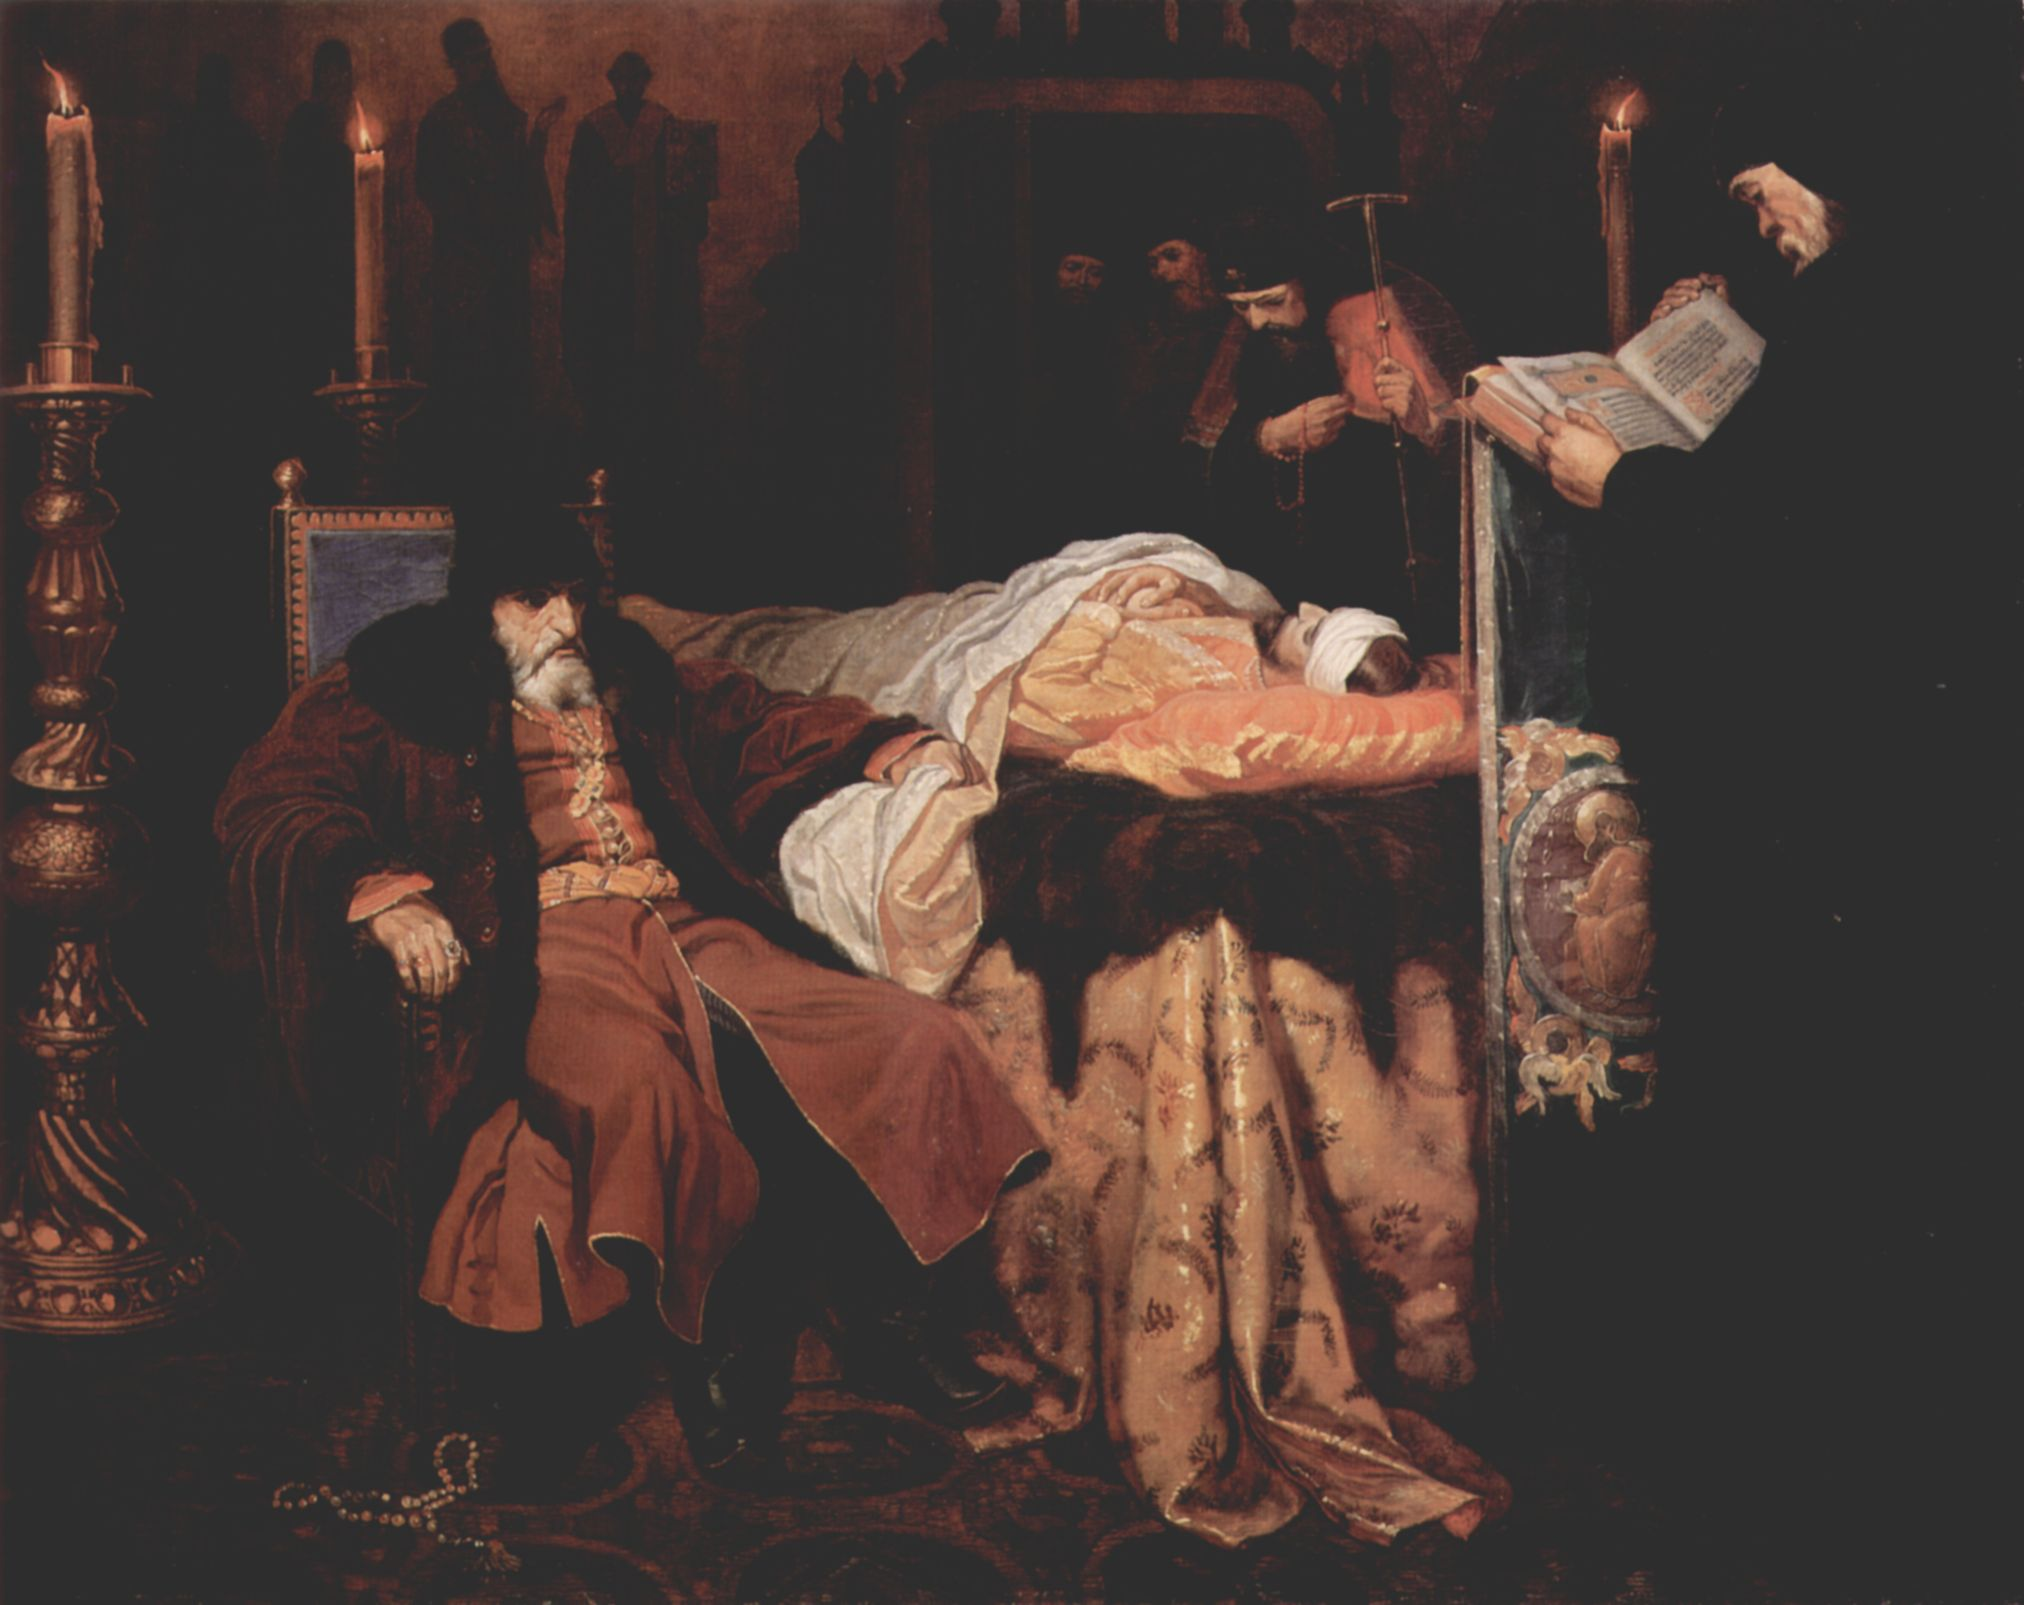 http://www.malerei-meisterwerke.de/images_large/wjatscheslaw-grigorjewitsch-schwarz-iwan-der-schreckliche-beim-leichnam-seines-von-ihm-erschlagenen-sohnes-08944.jpg